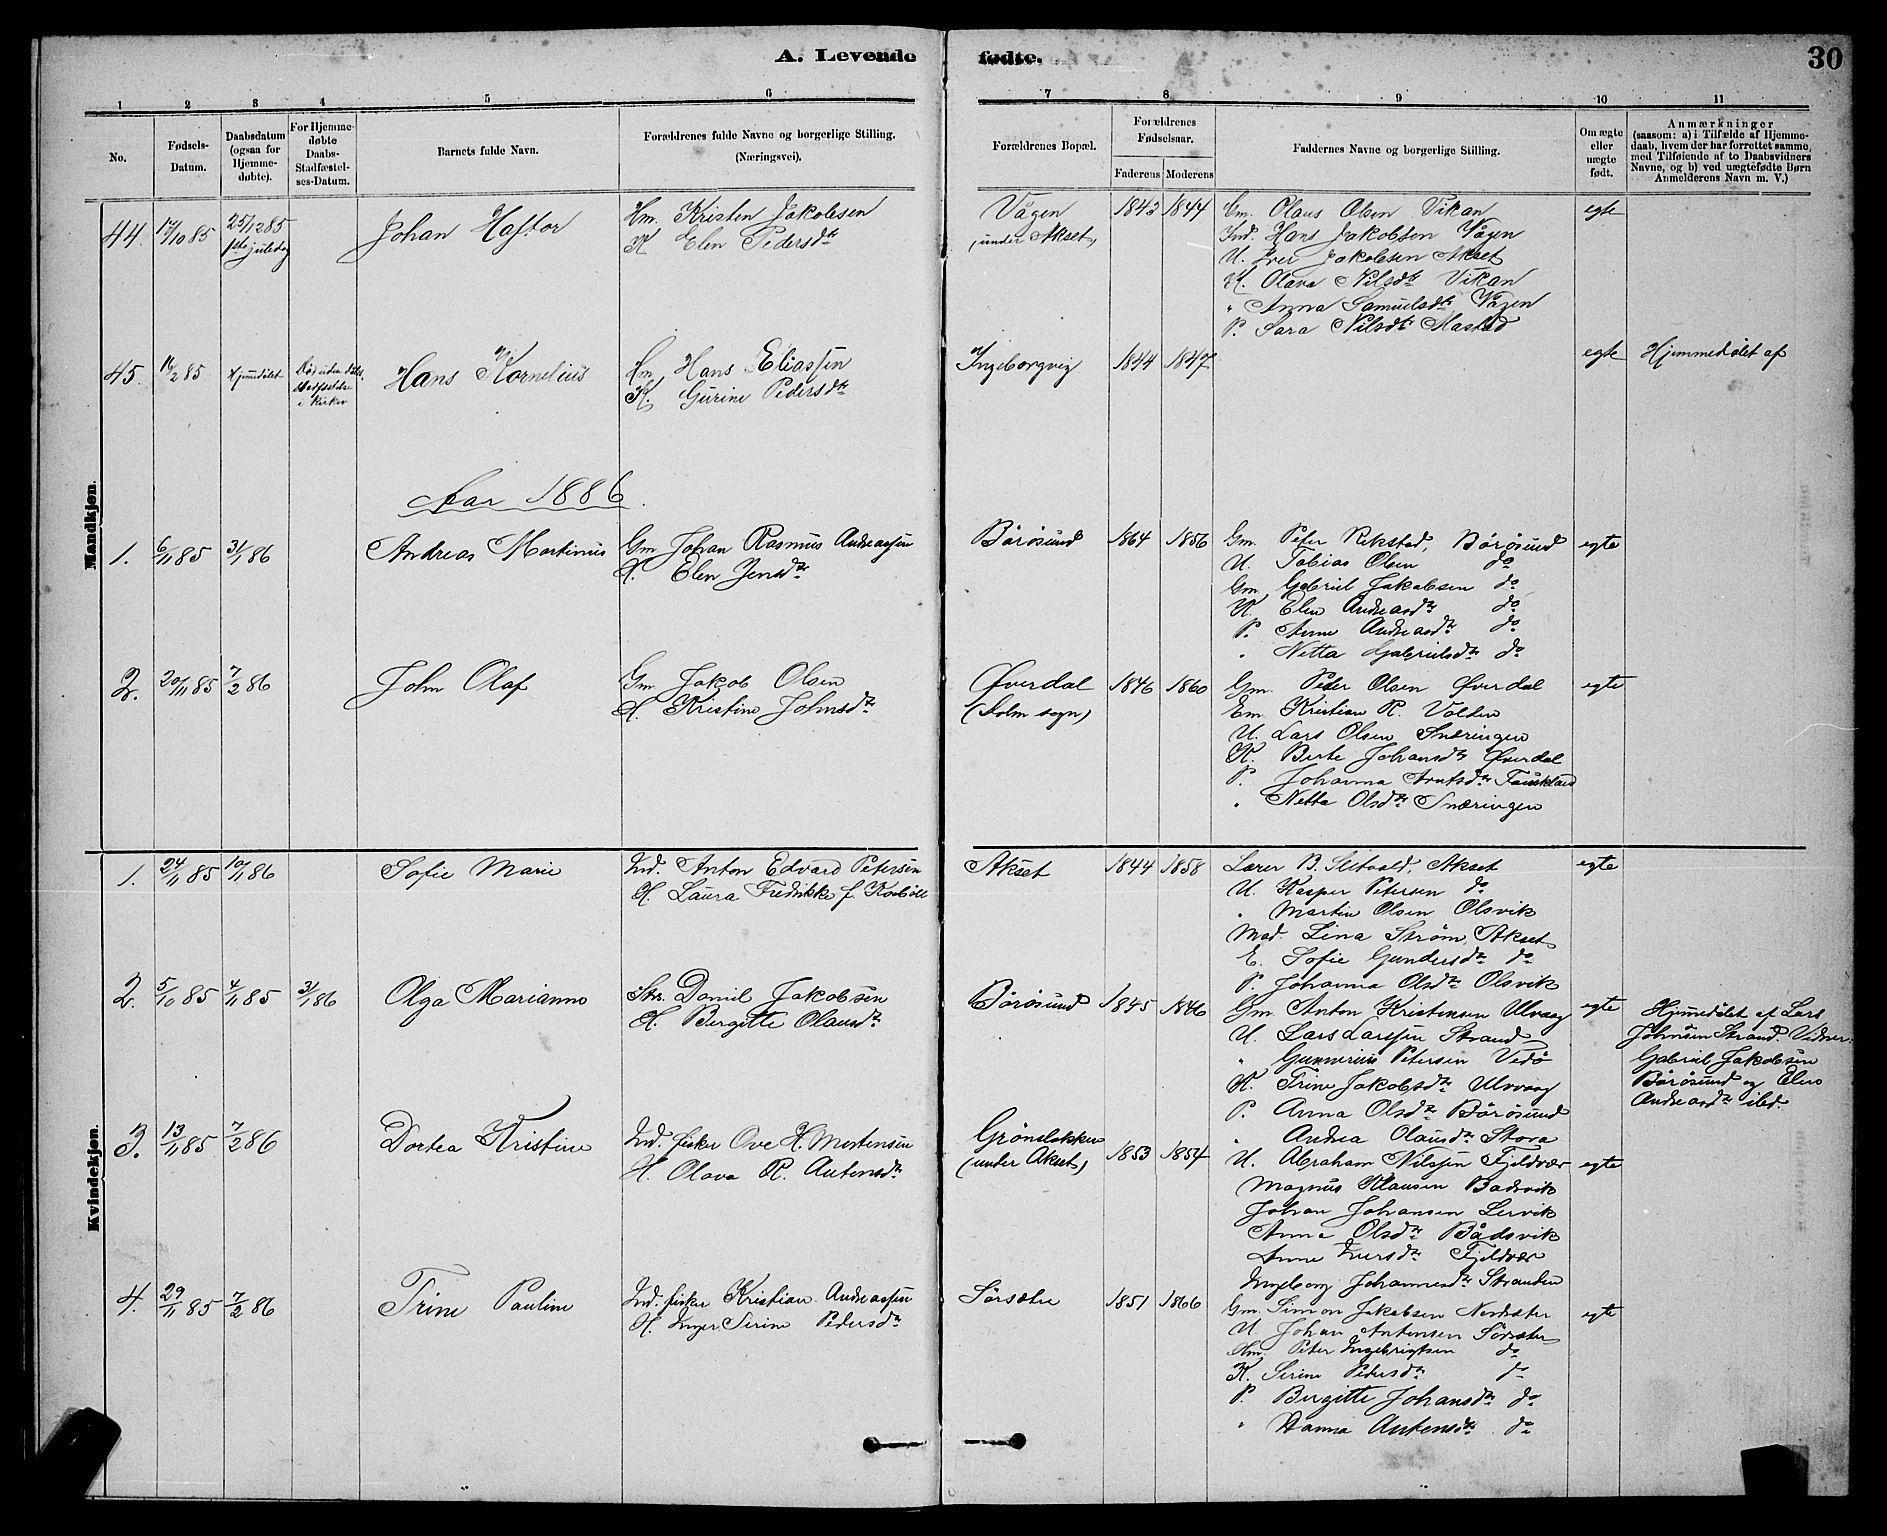 SAT, Ministerialprotokoller, klokkerbøker og fødselsregistre - Sør-Trøndelag, 637/L0562: Klokkerbok nr. 637C03, 1883-1898, s. 30